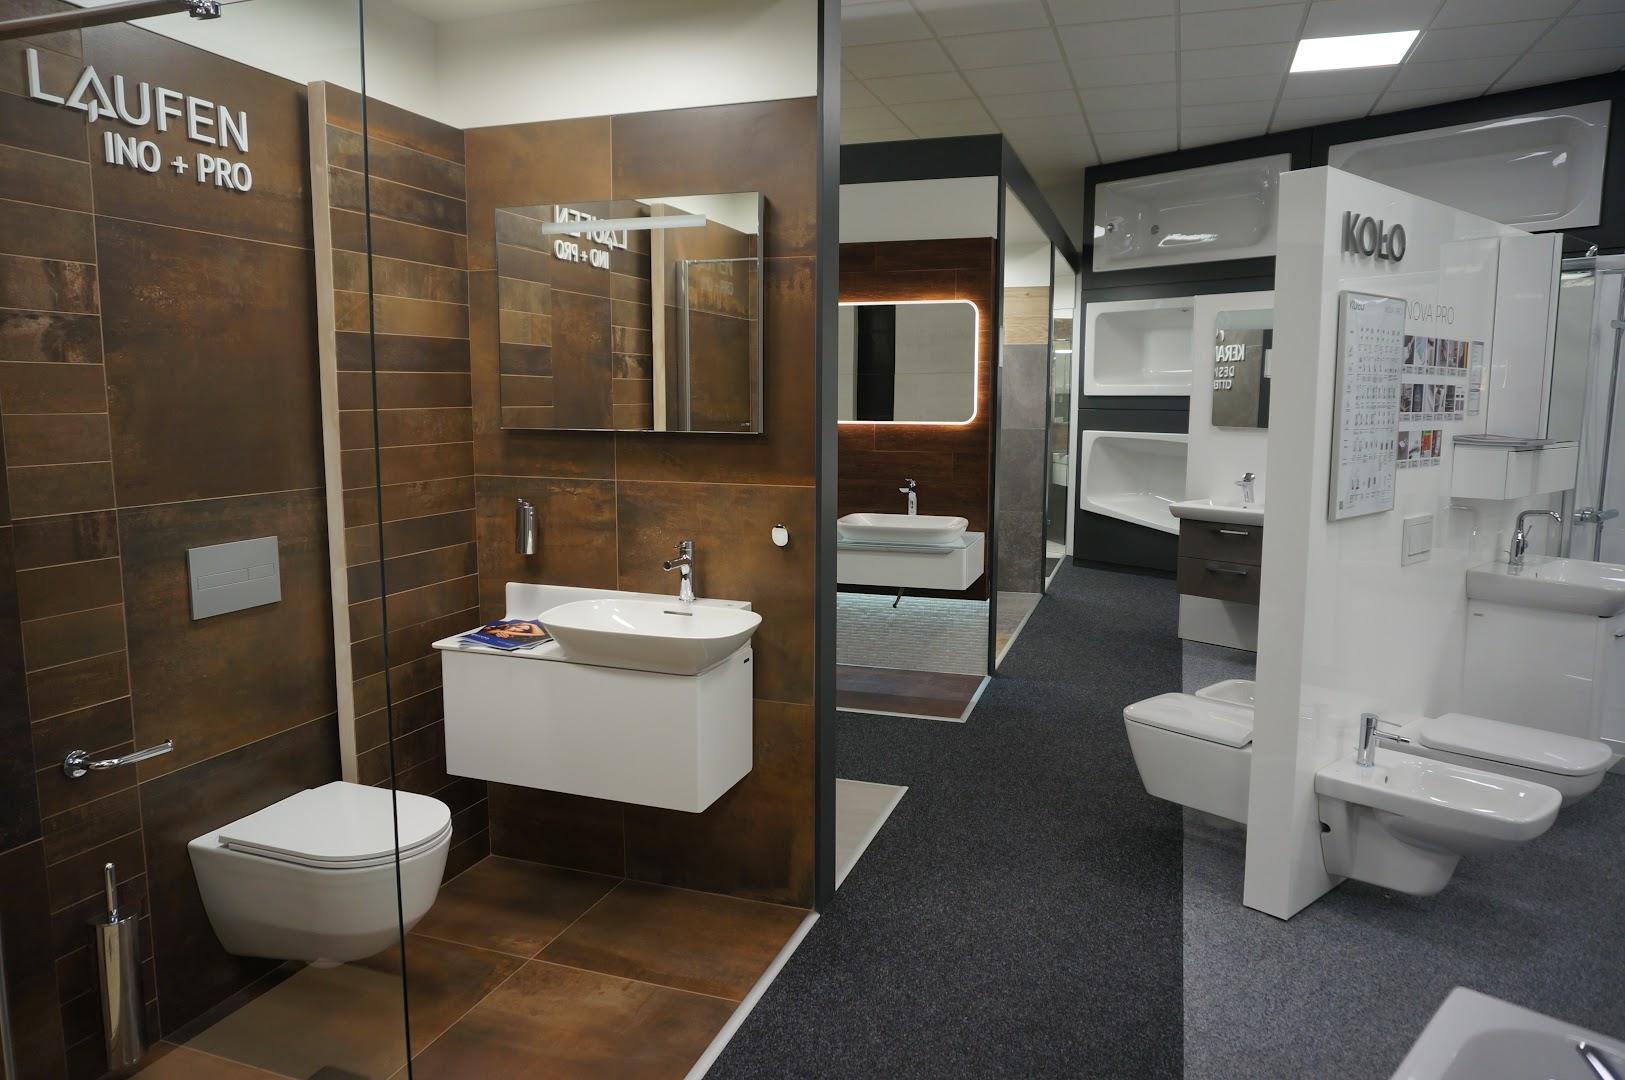 Wyposażenie łazienki Wrocław Armatura łazienkowa Salon